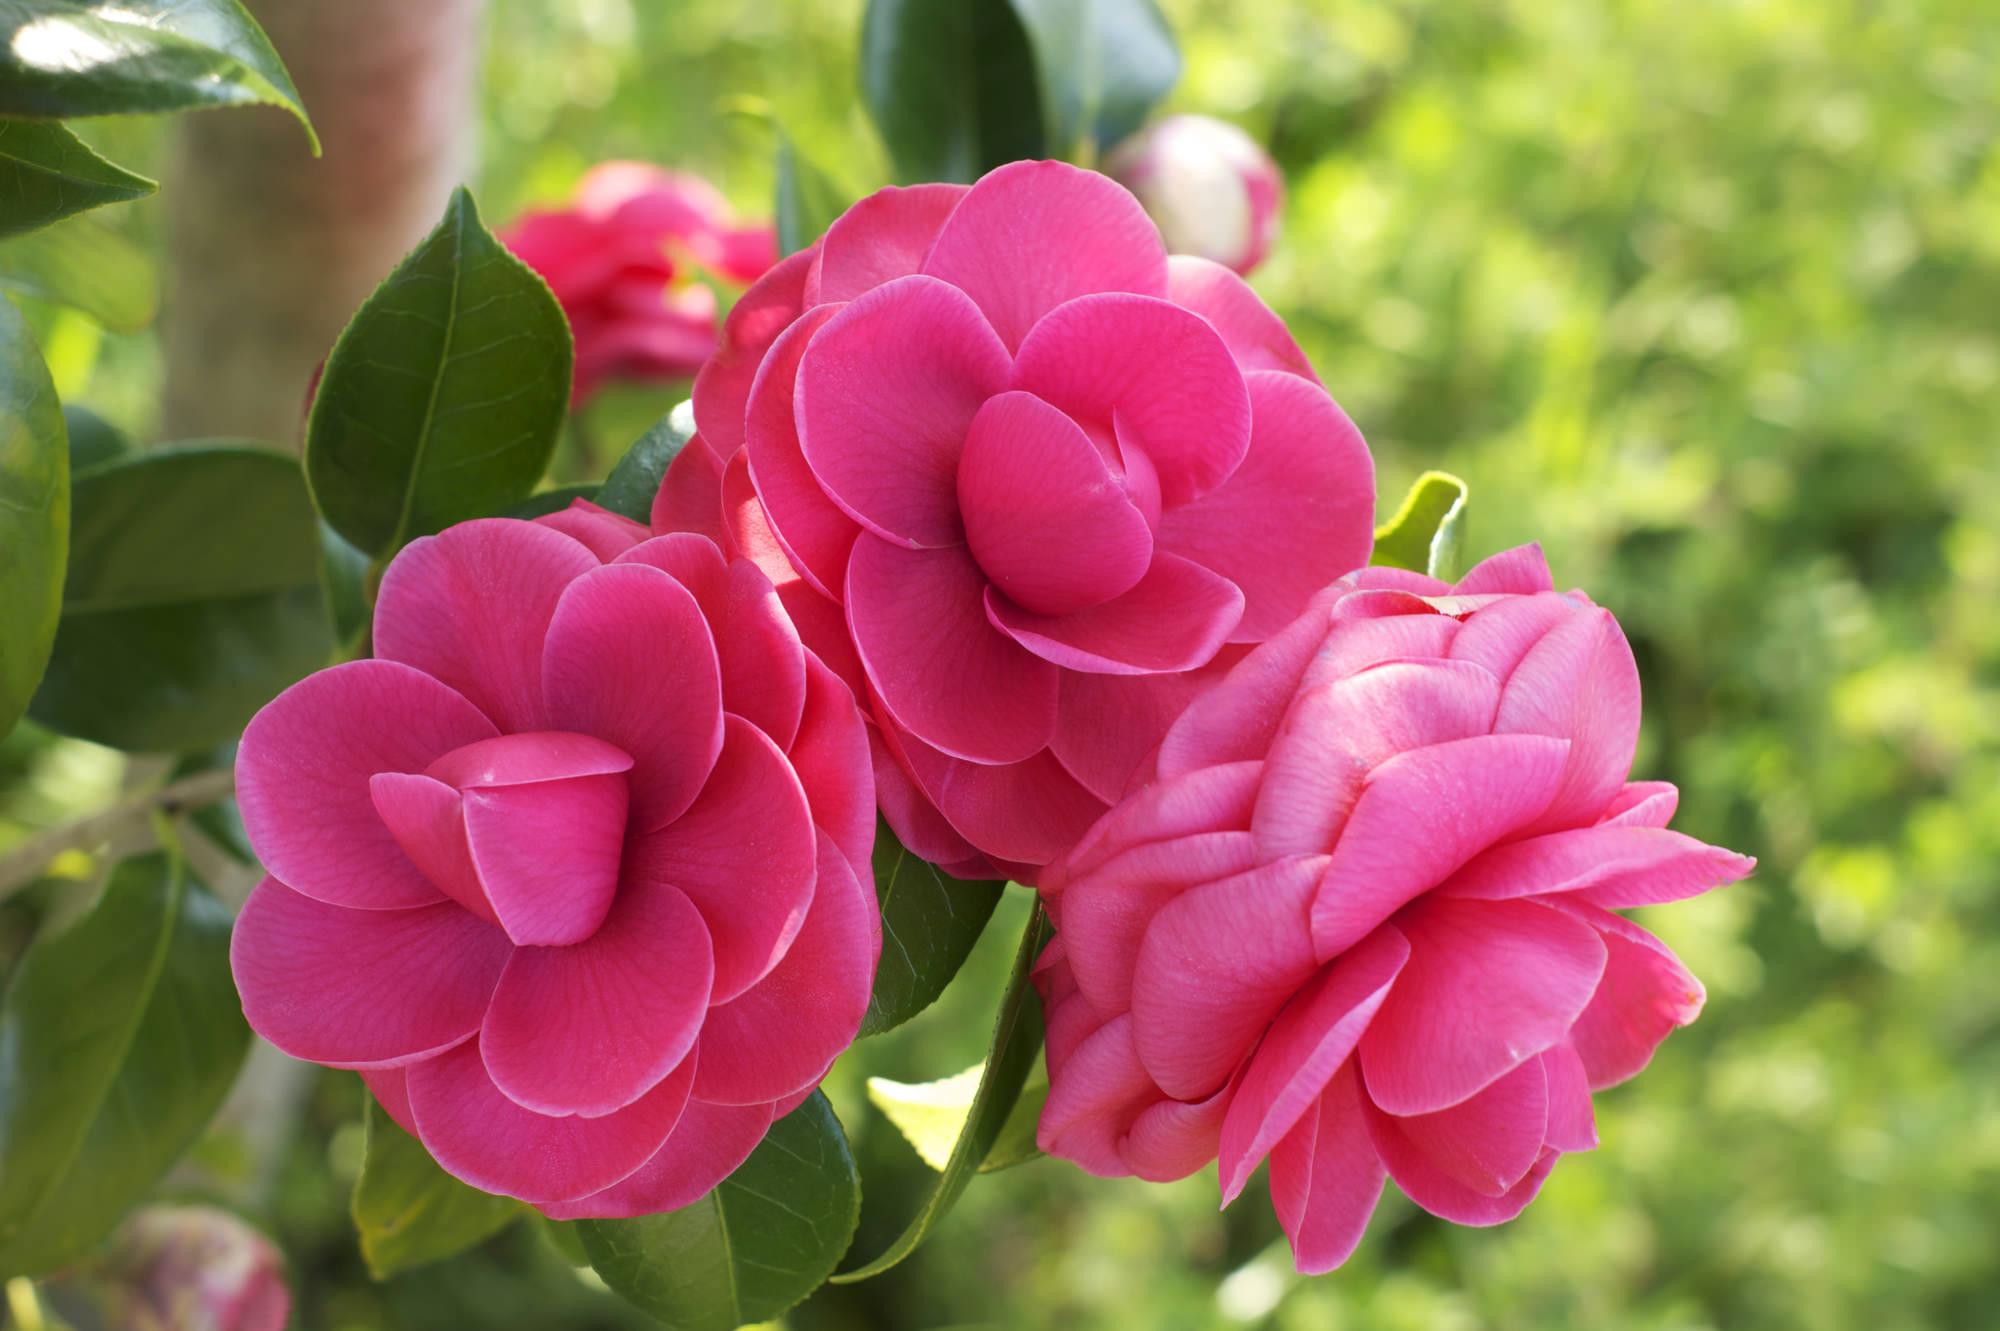 日本のバラと称される、日本が誇る美しい花木「ツバキ」